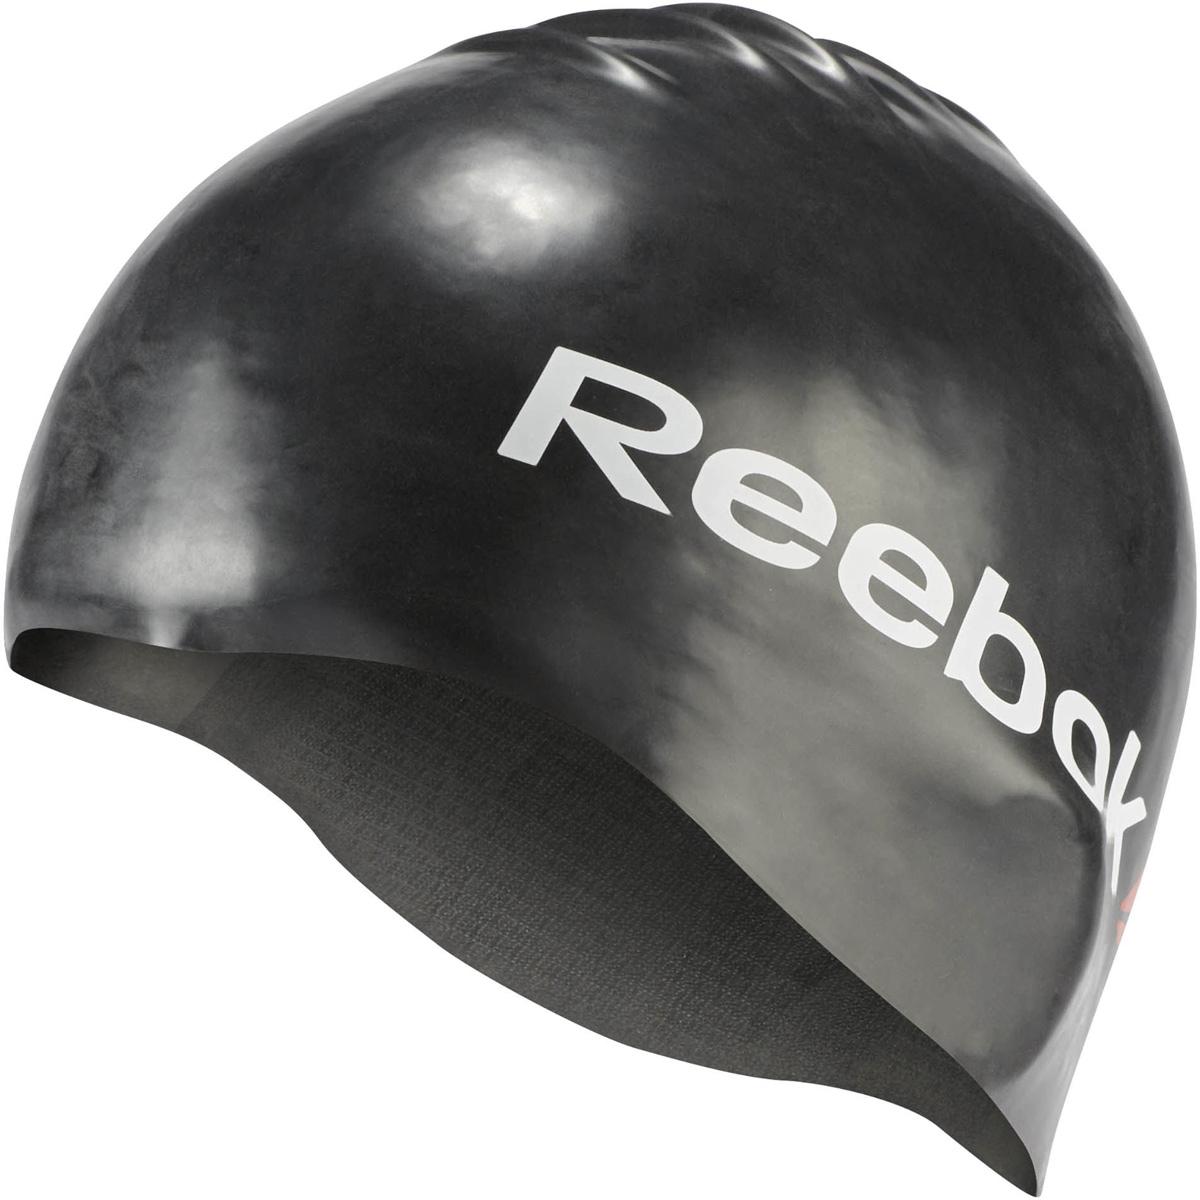 Шапочка для плавания Reebok Swim U Cap, цвет: черный. AJ6105AJ6105Шапочка для плавания Reebok Swim U Cap позволит вам с комфортом подготовиться к соревнованиям. Благодаря эргономичному дизайну и использованному материалу вам гарантирована надежная защита от воды, как в бассейне, так и в открытом водоеме.Модель выполнена из высококачественного силикона. Внутреннее покрытие обеспечивает дополнительное сцепление и более надежную посадку.